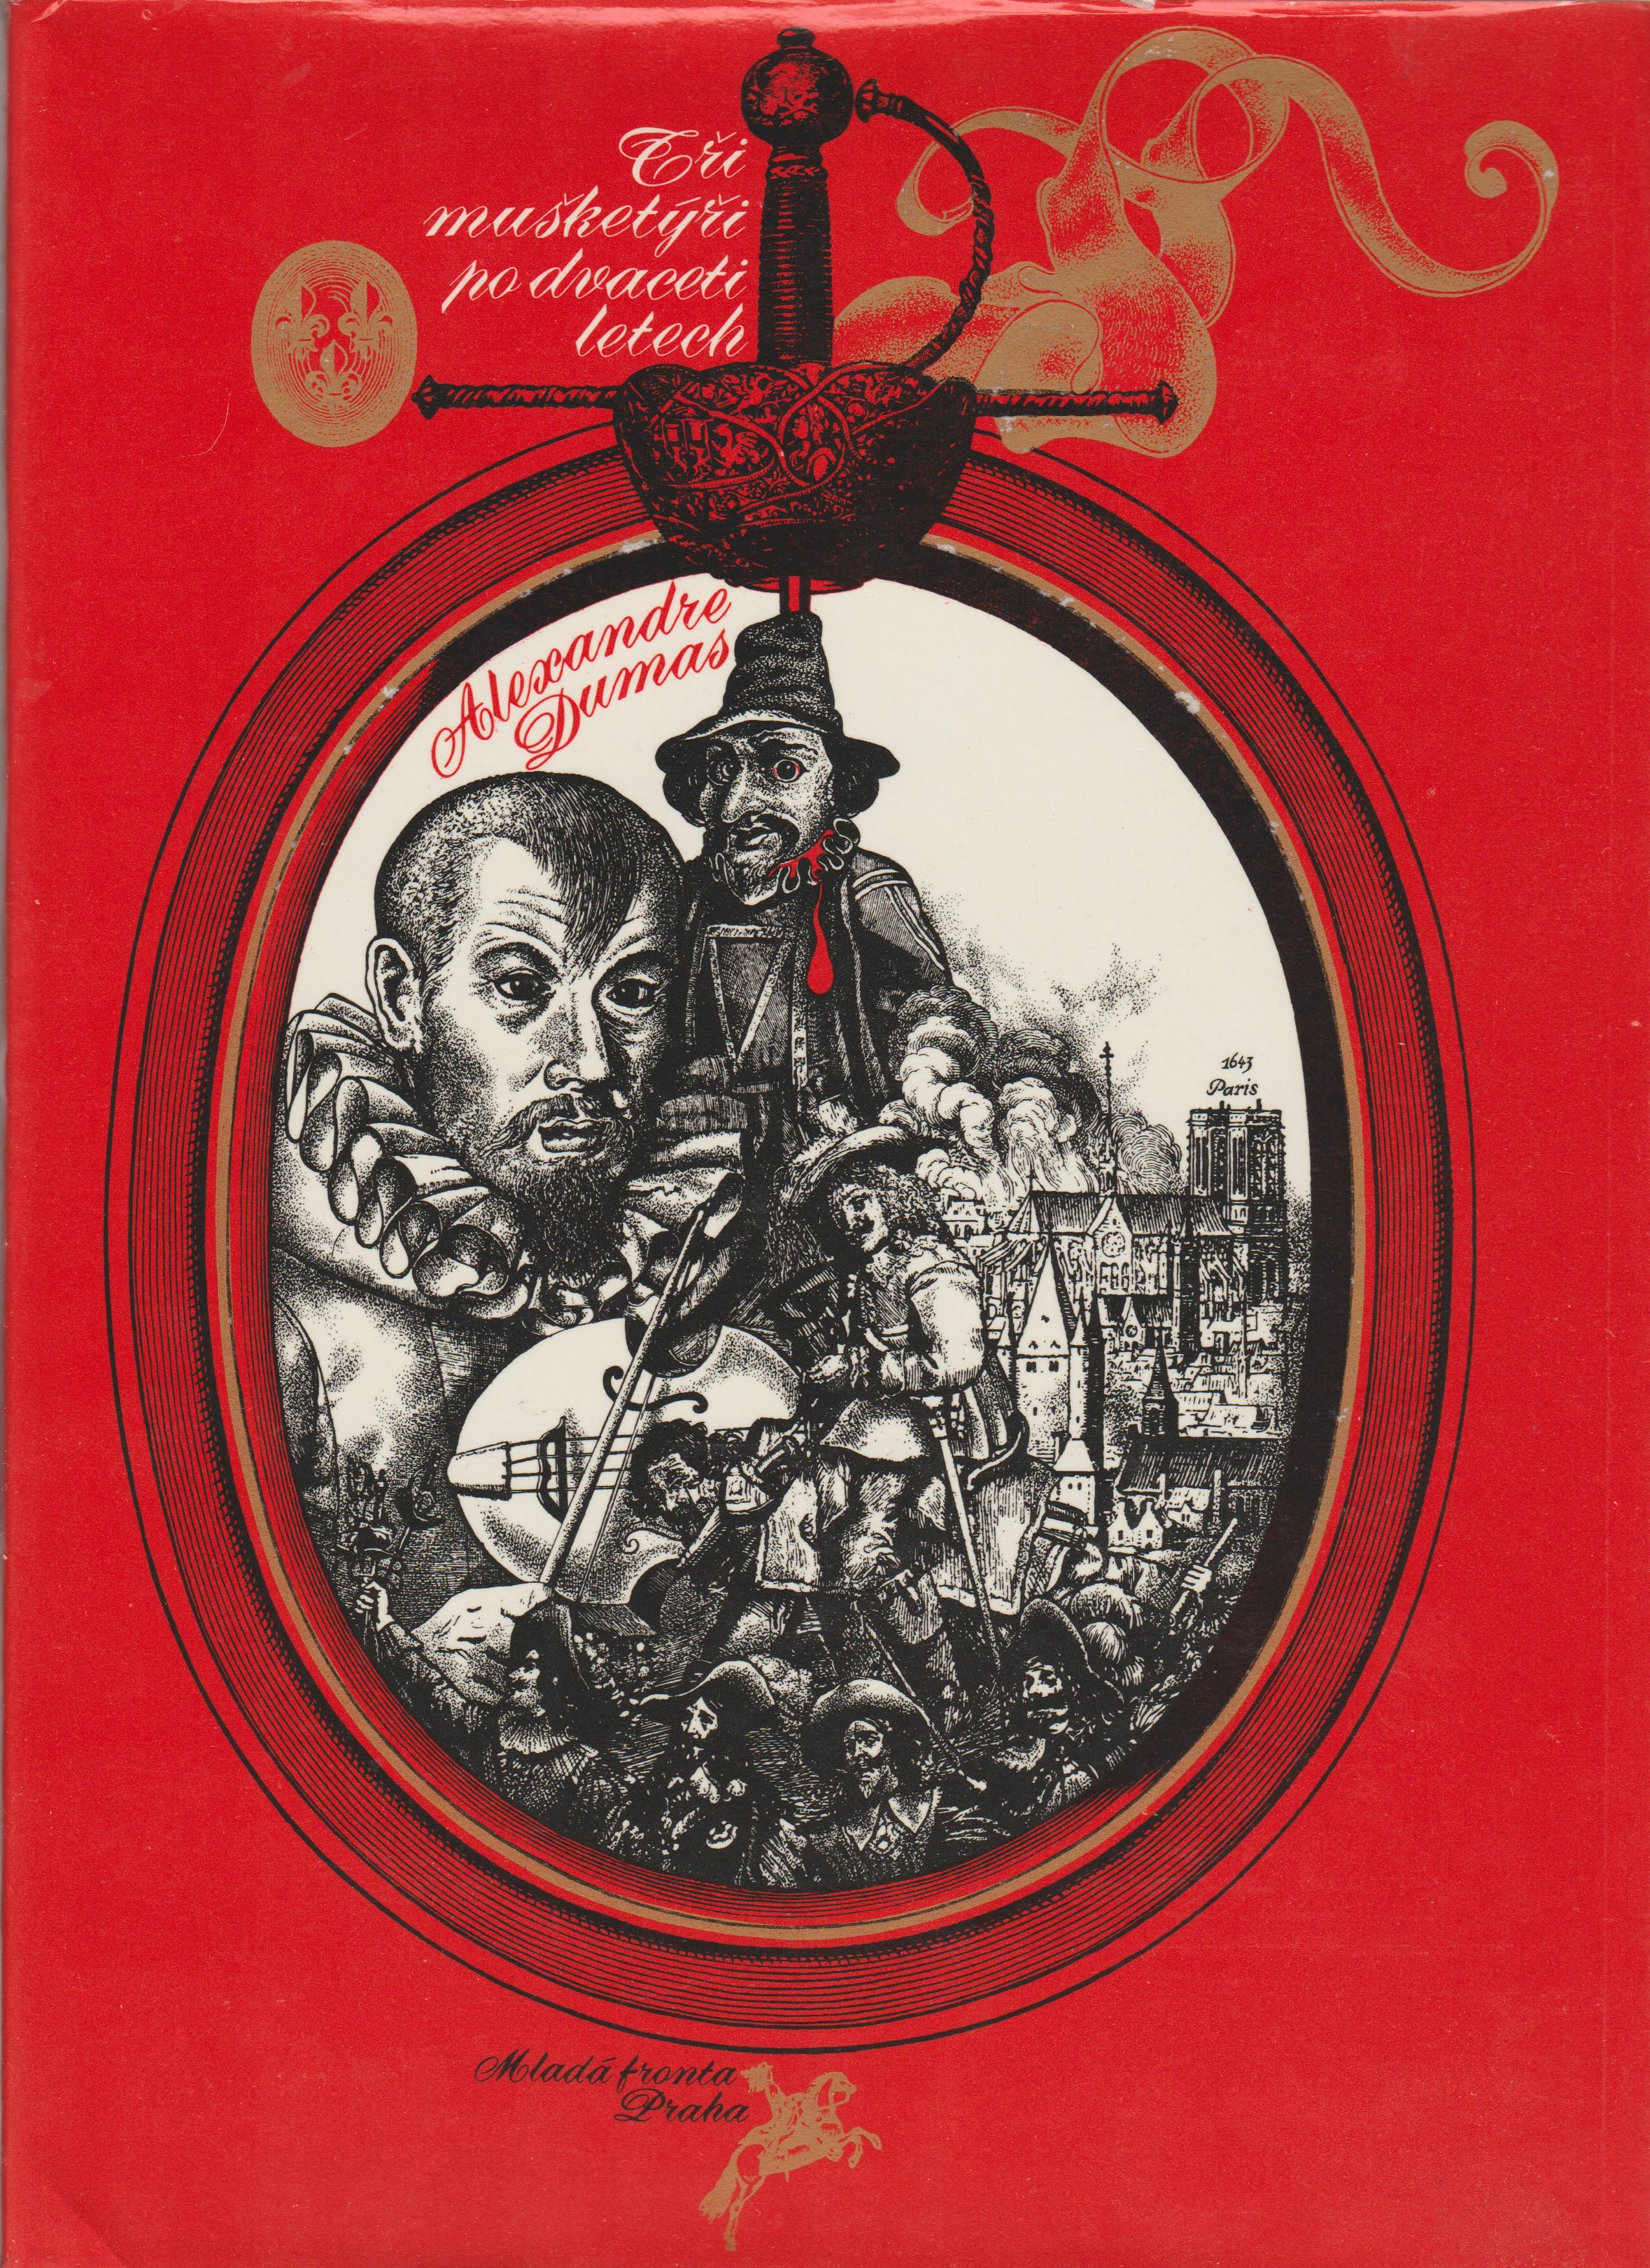 Tři mušketýři po dvaceti letech - Alexandre Dumas